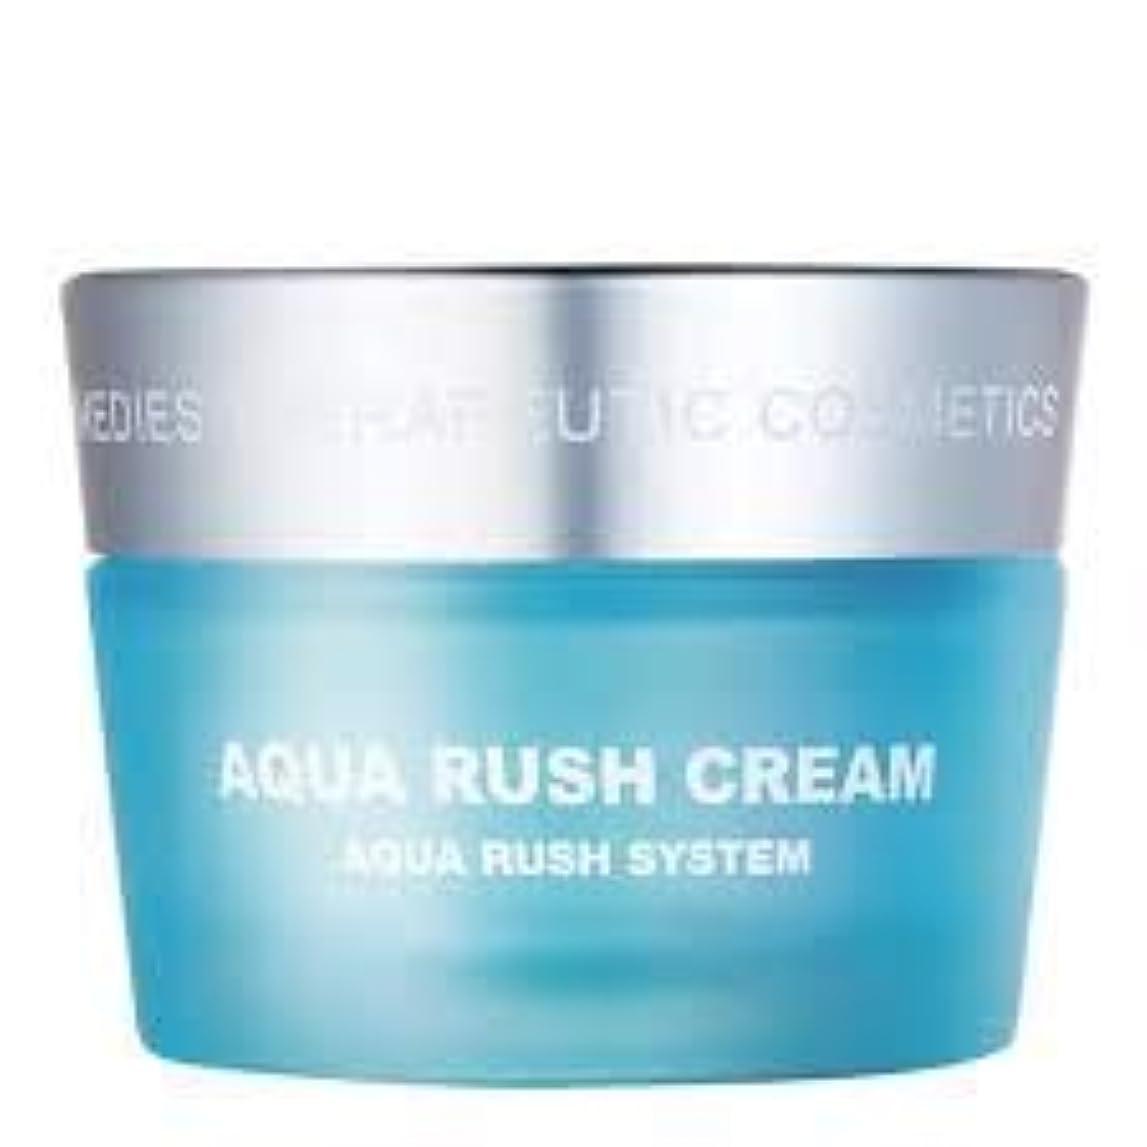 一時解雇する拡散する起きているBRTC 乾燥肌に集中的な水分を供給アクアラッシュクリーム1つ60ミリリットル保湿クリーム